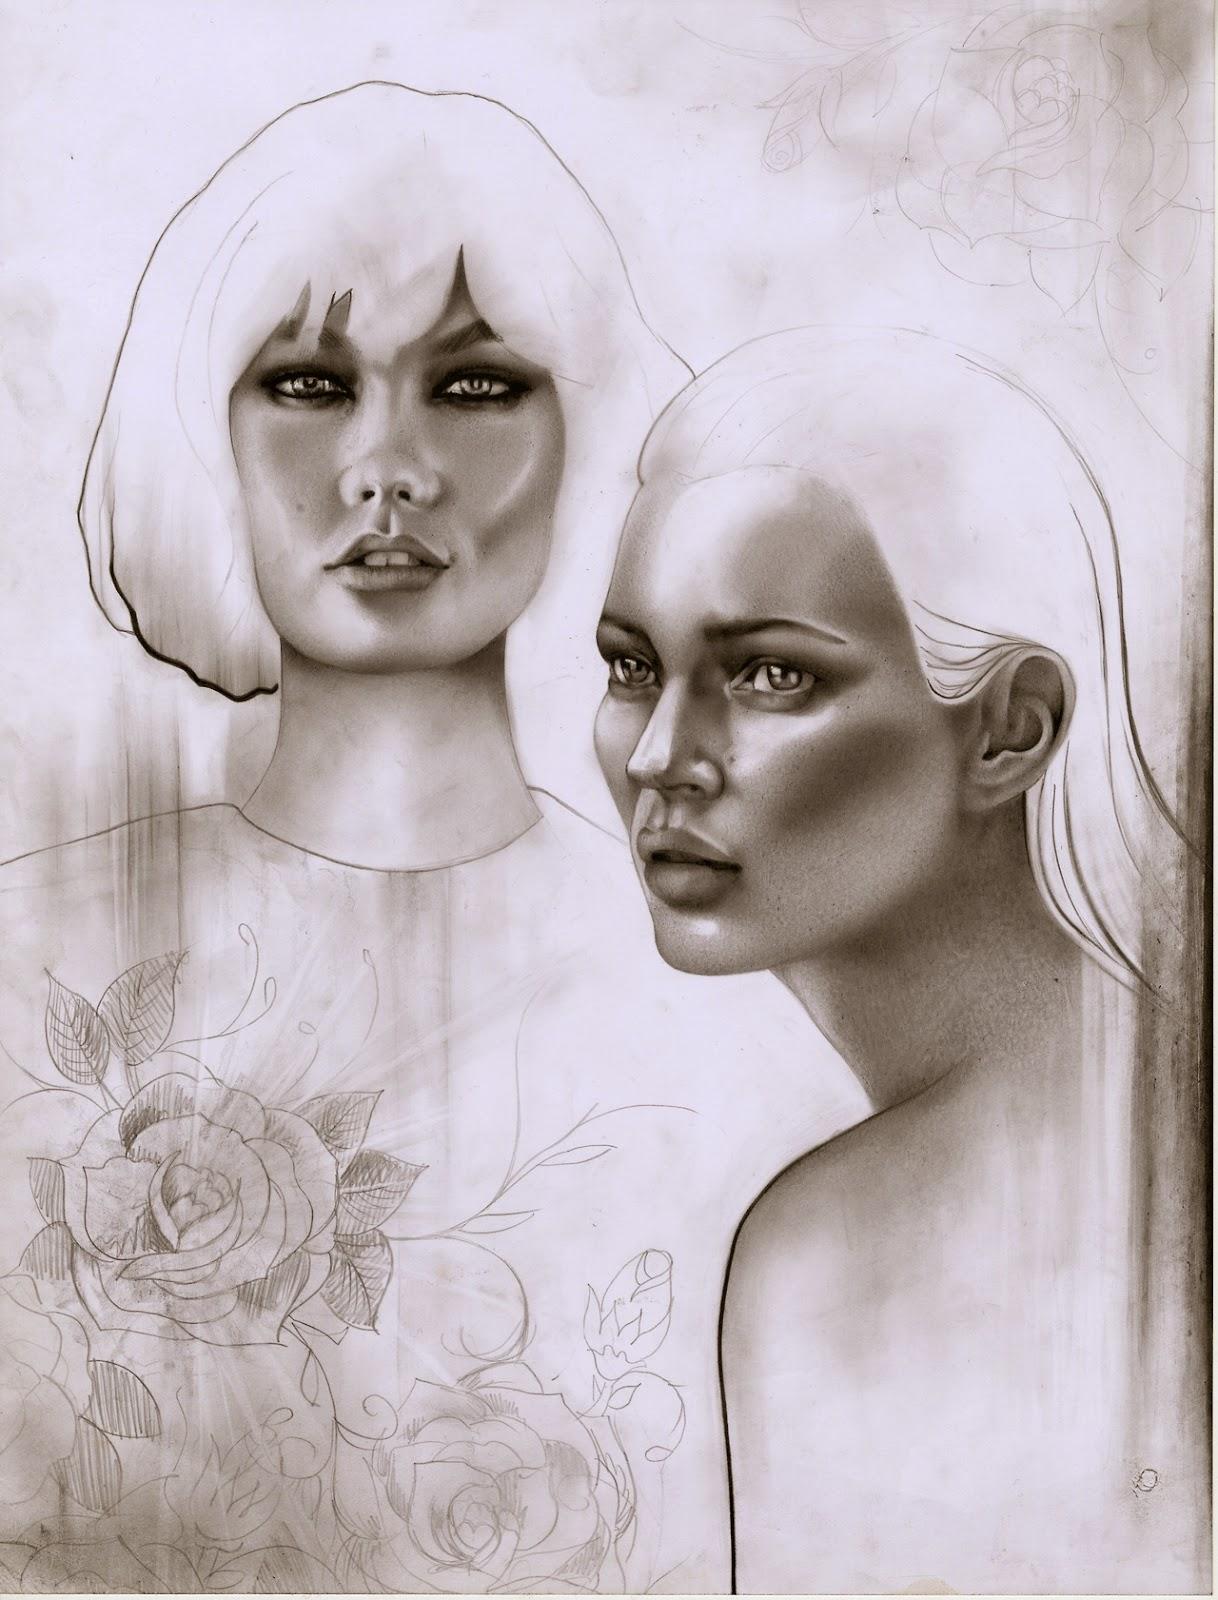 05-Bex-Cassie-Light-Versus-Dark-Drawings-www-designstack-co